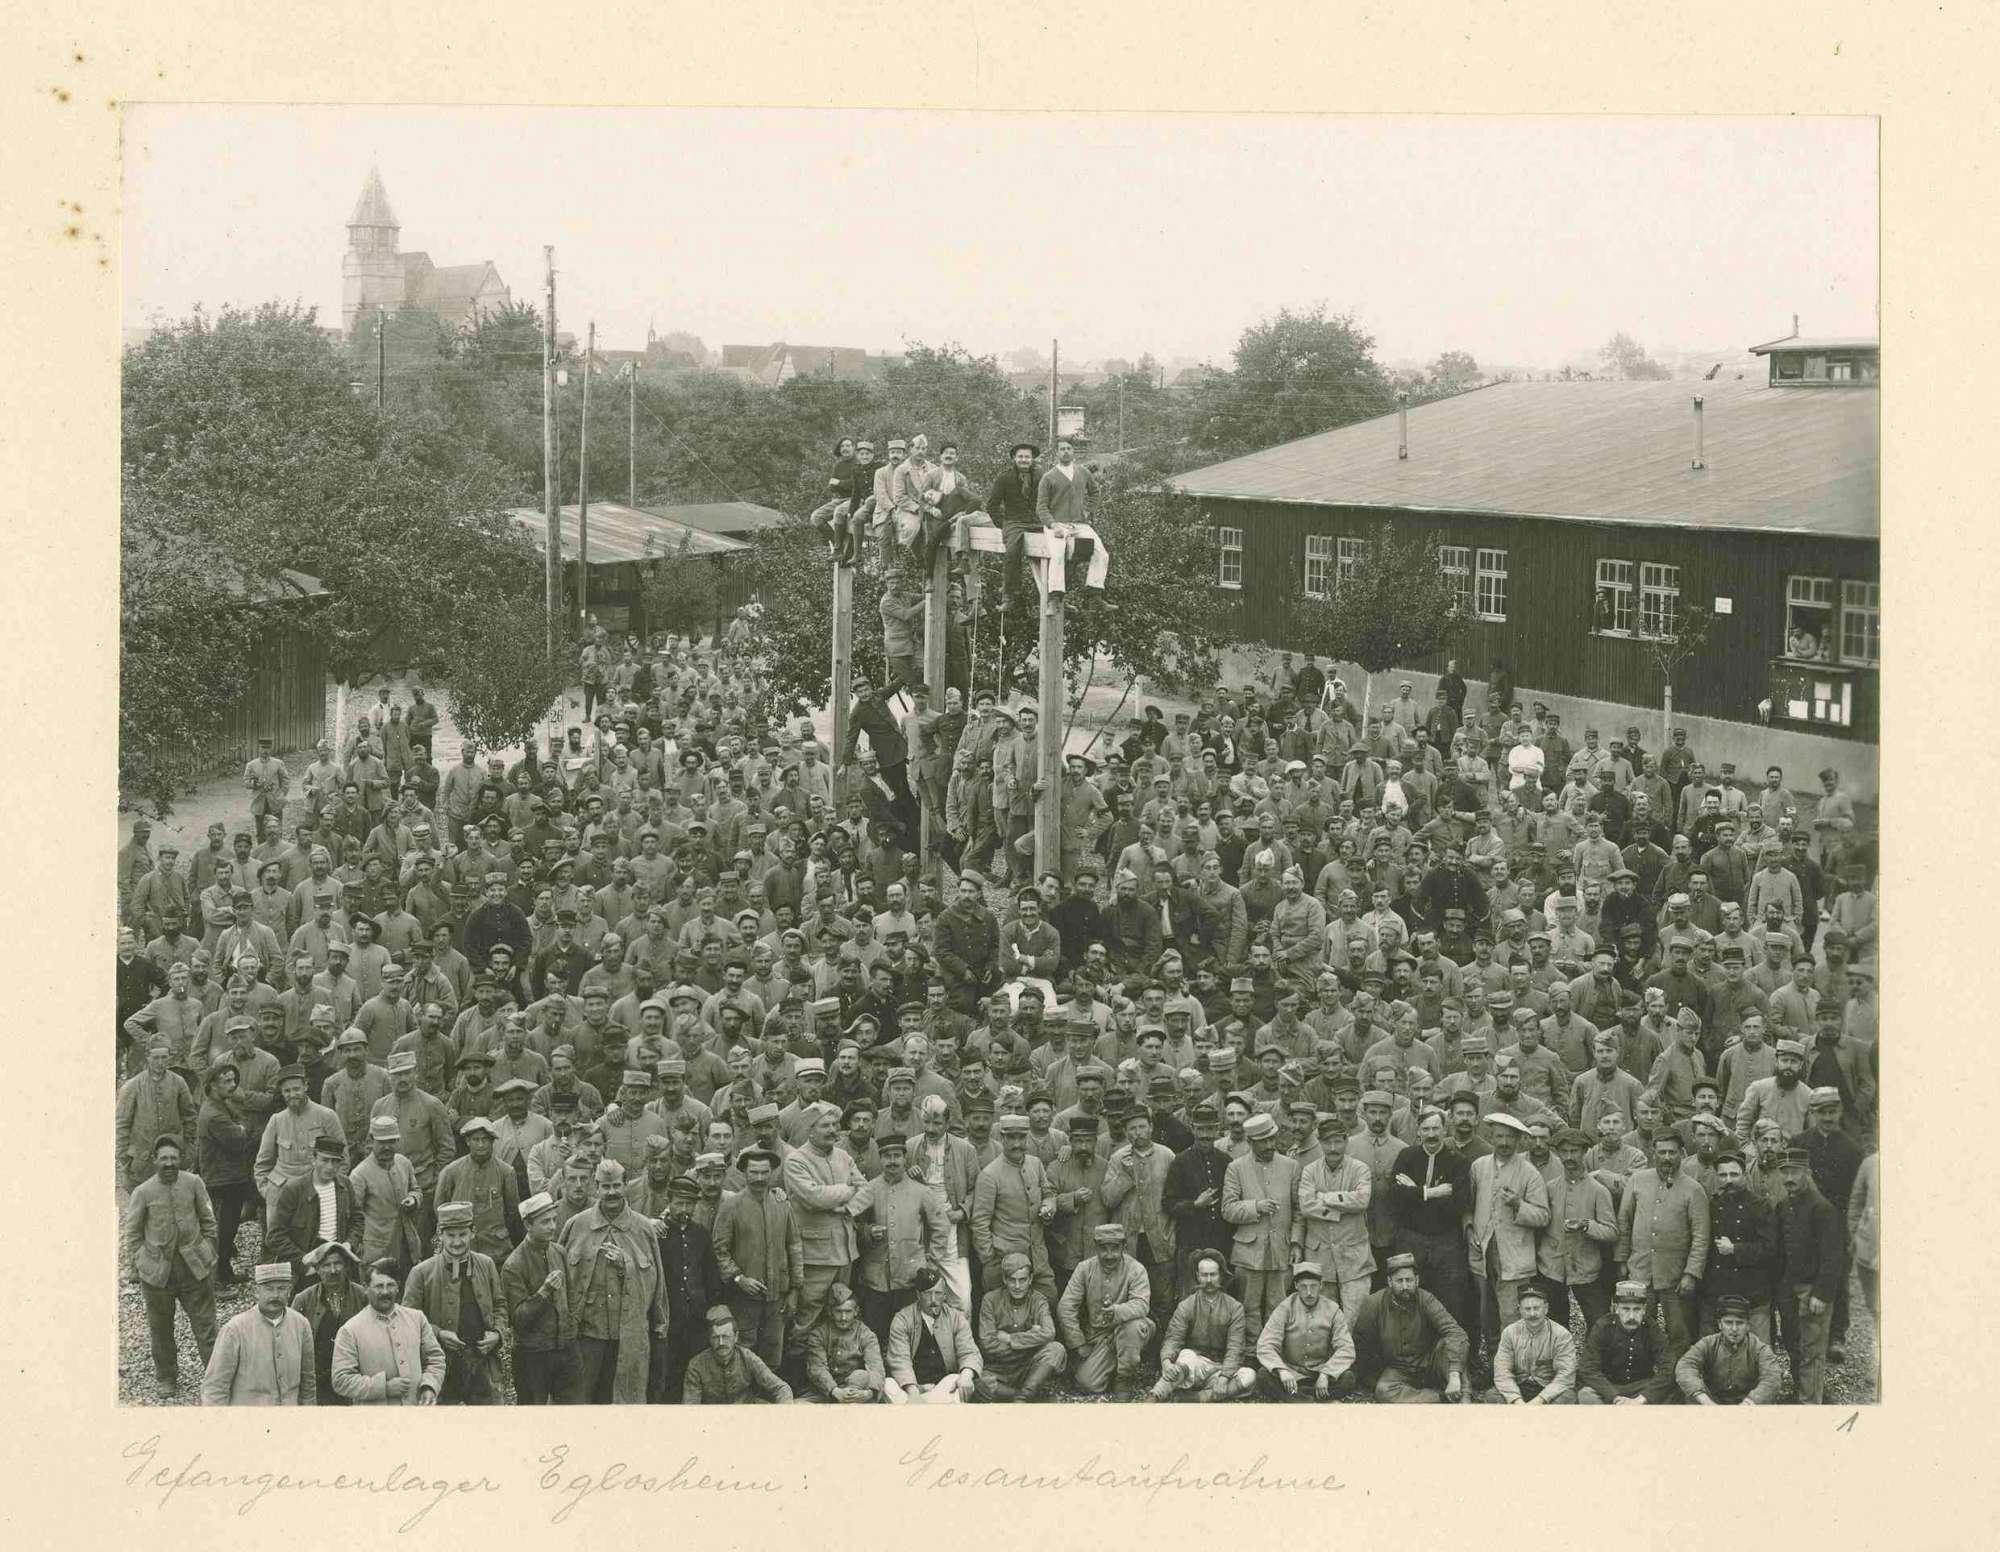 Ansicht des Kriegsgefangenenlagers Ludwigsburg-Eglosheim mit Gefangenenversammlung, im Hintergrund Kirche, Bild 1